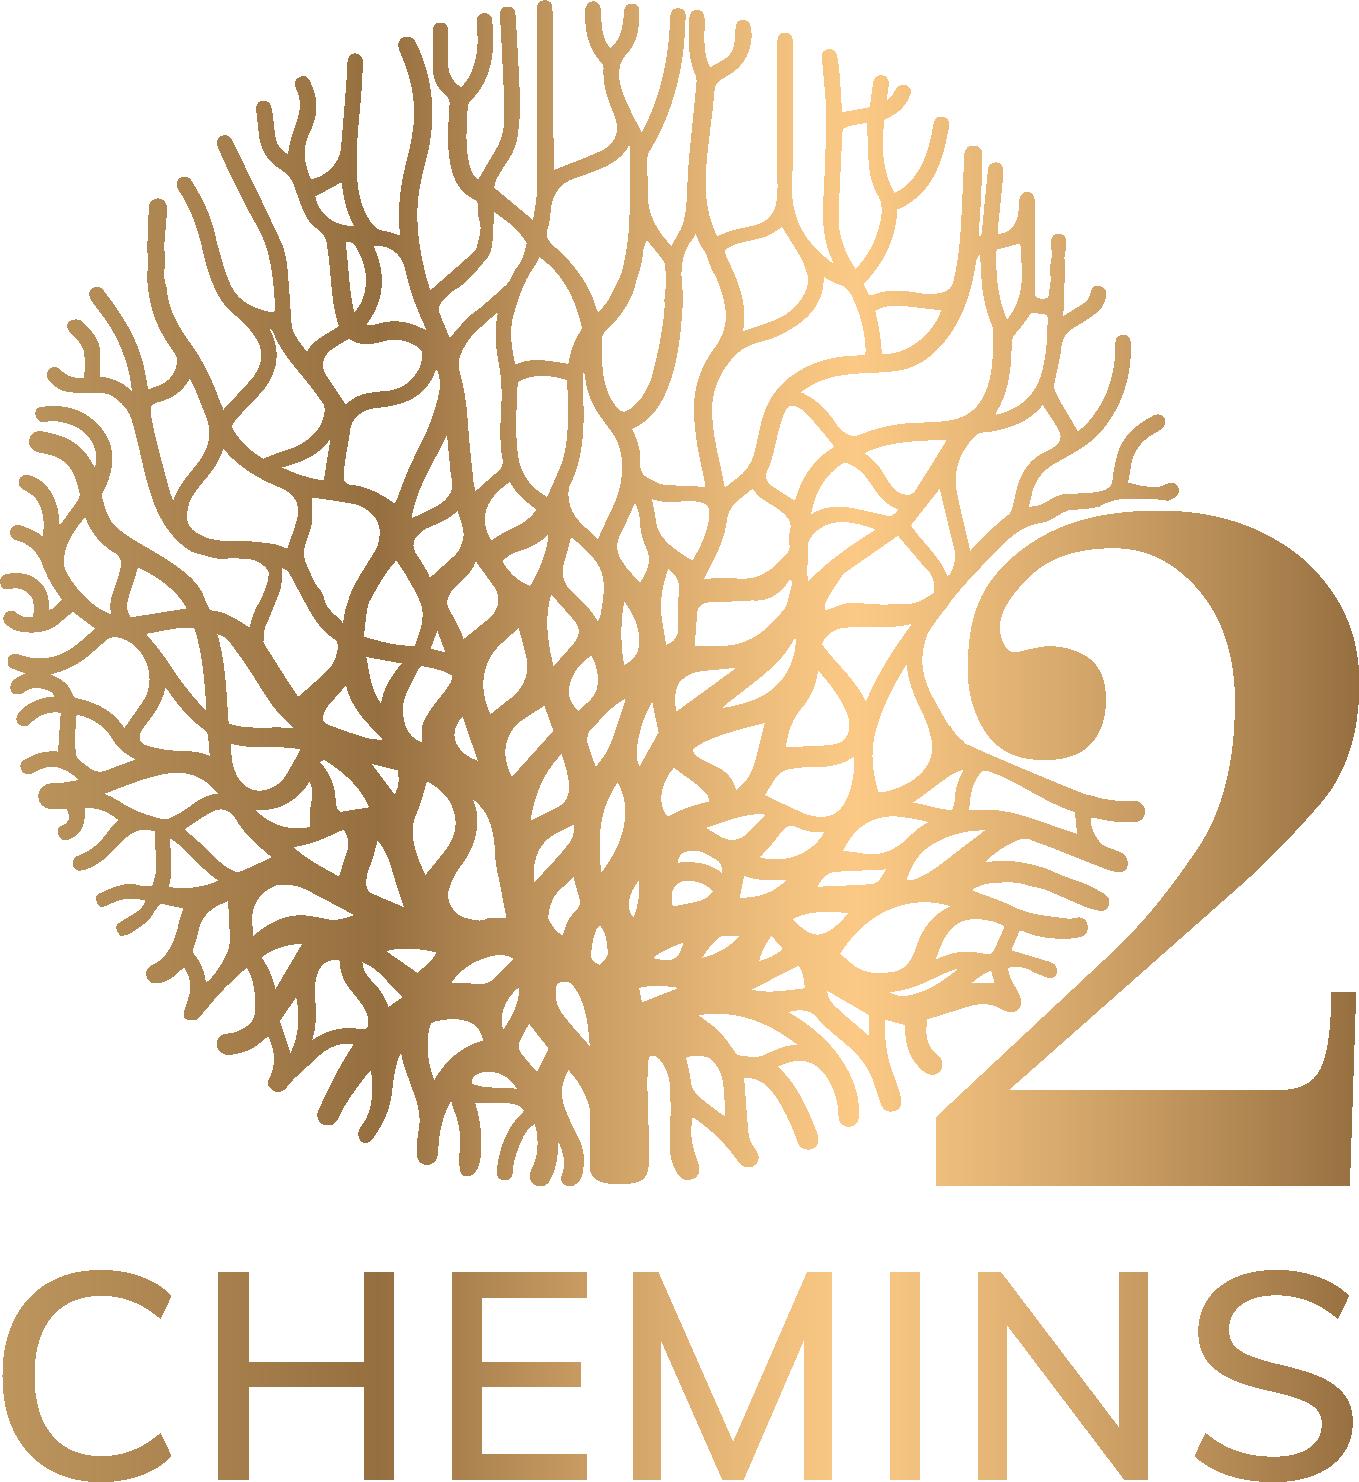 o2chemins